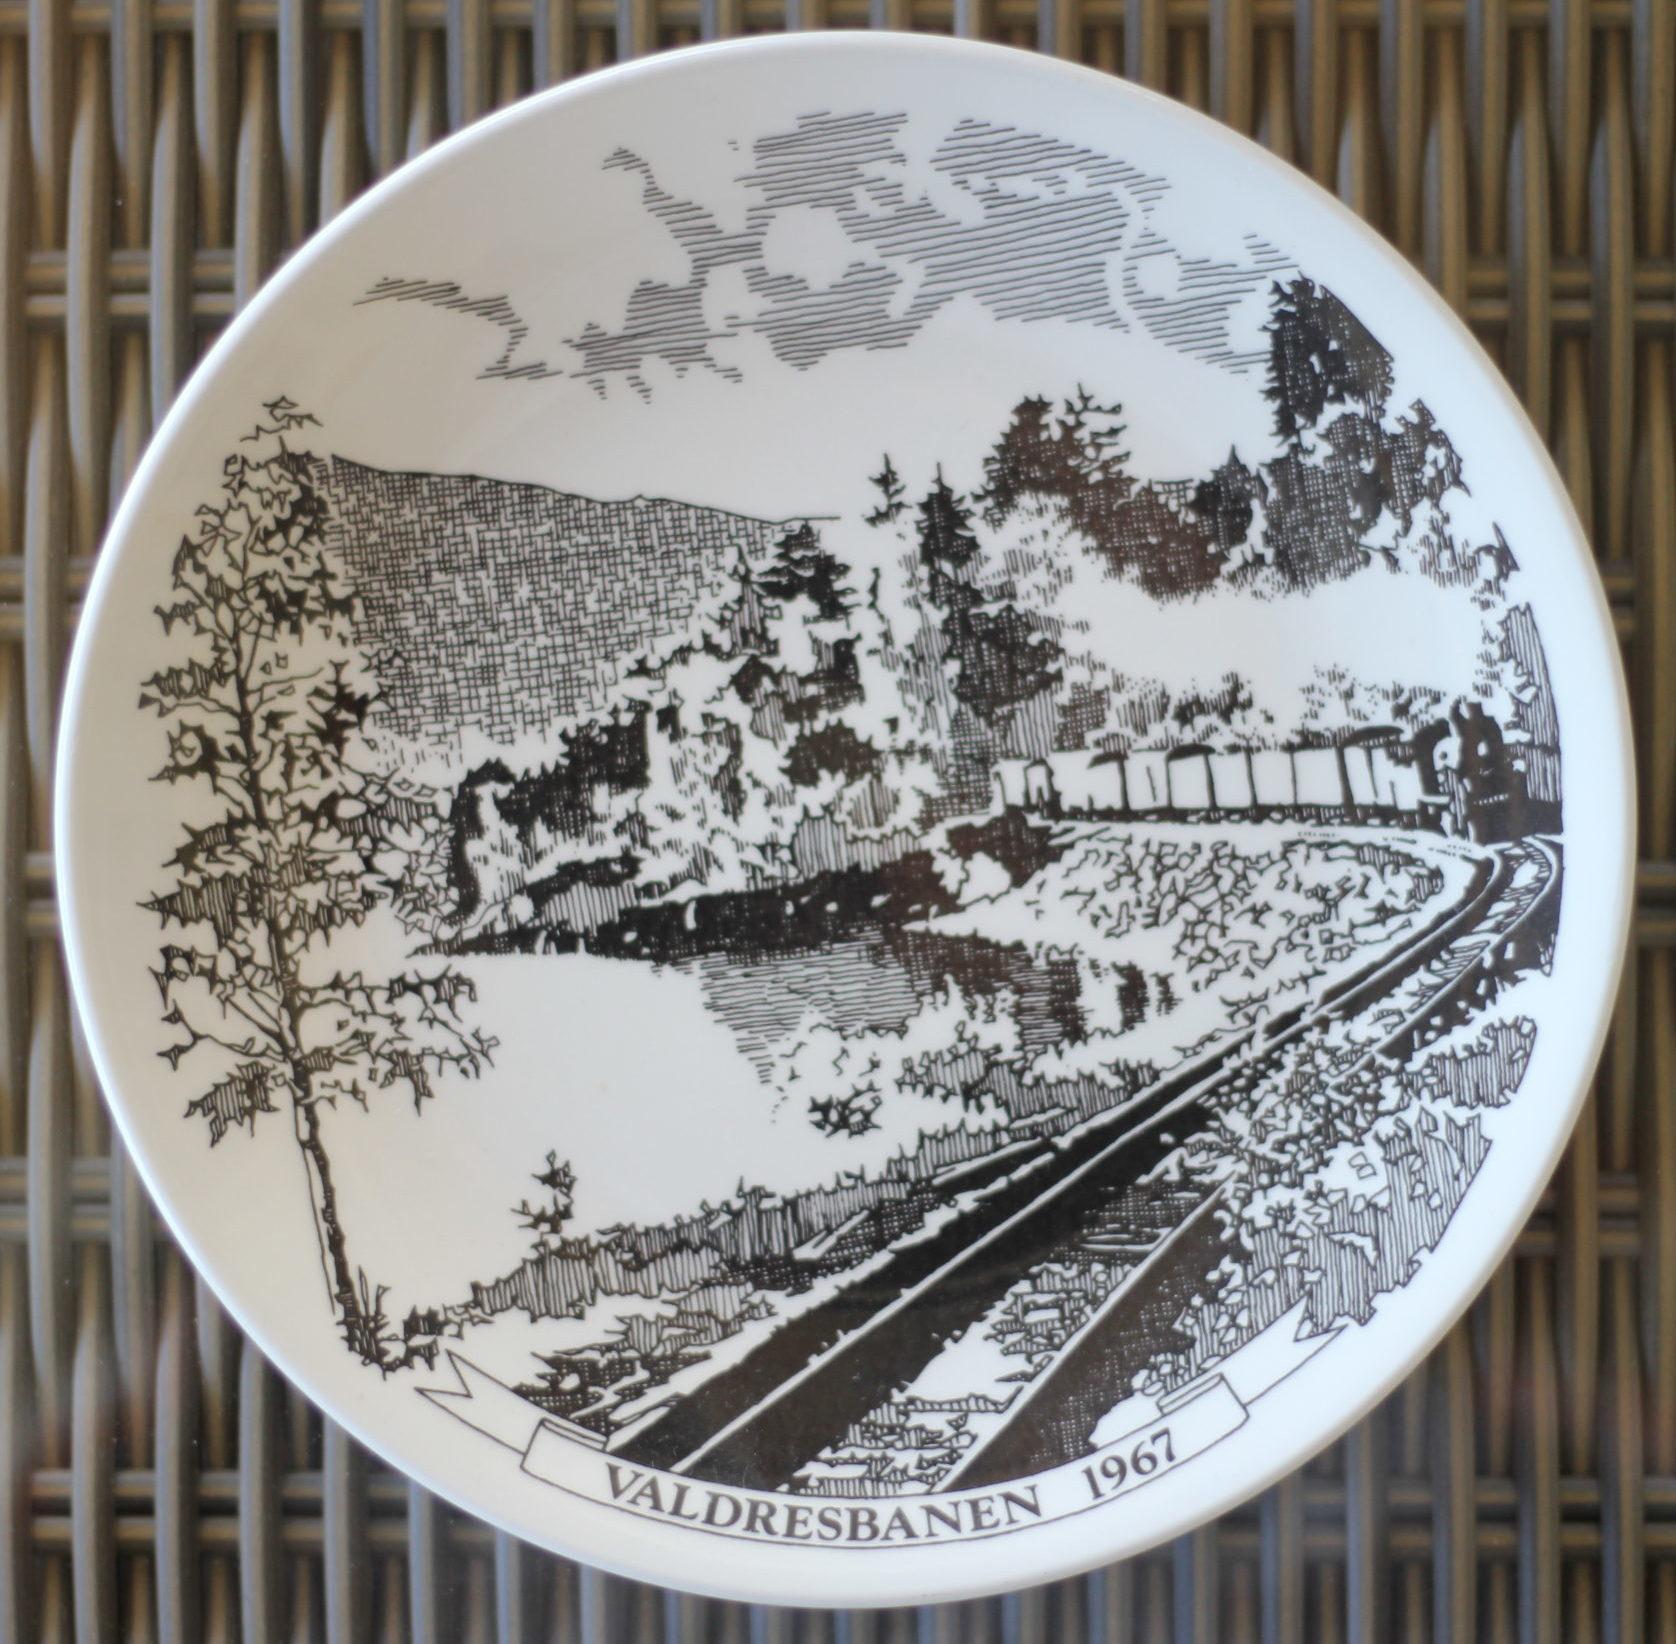 Valdresbanen 1967 – Det siste Dampdrevne Godstog på Valdresbanen